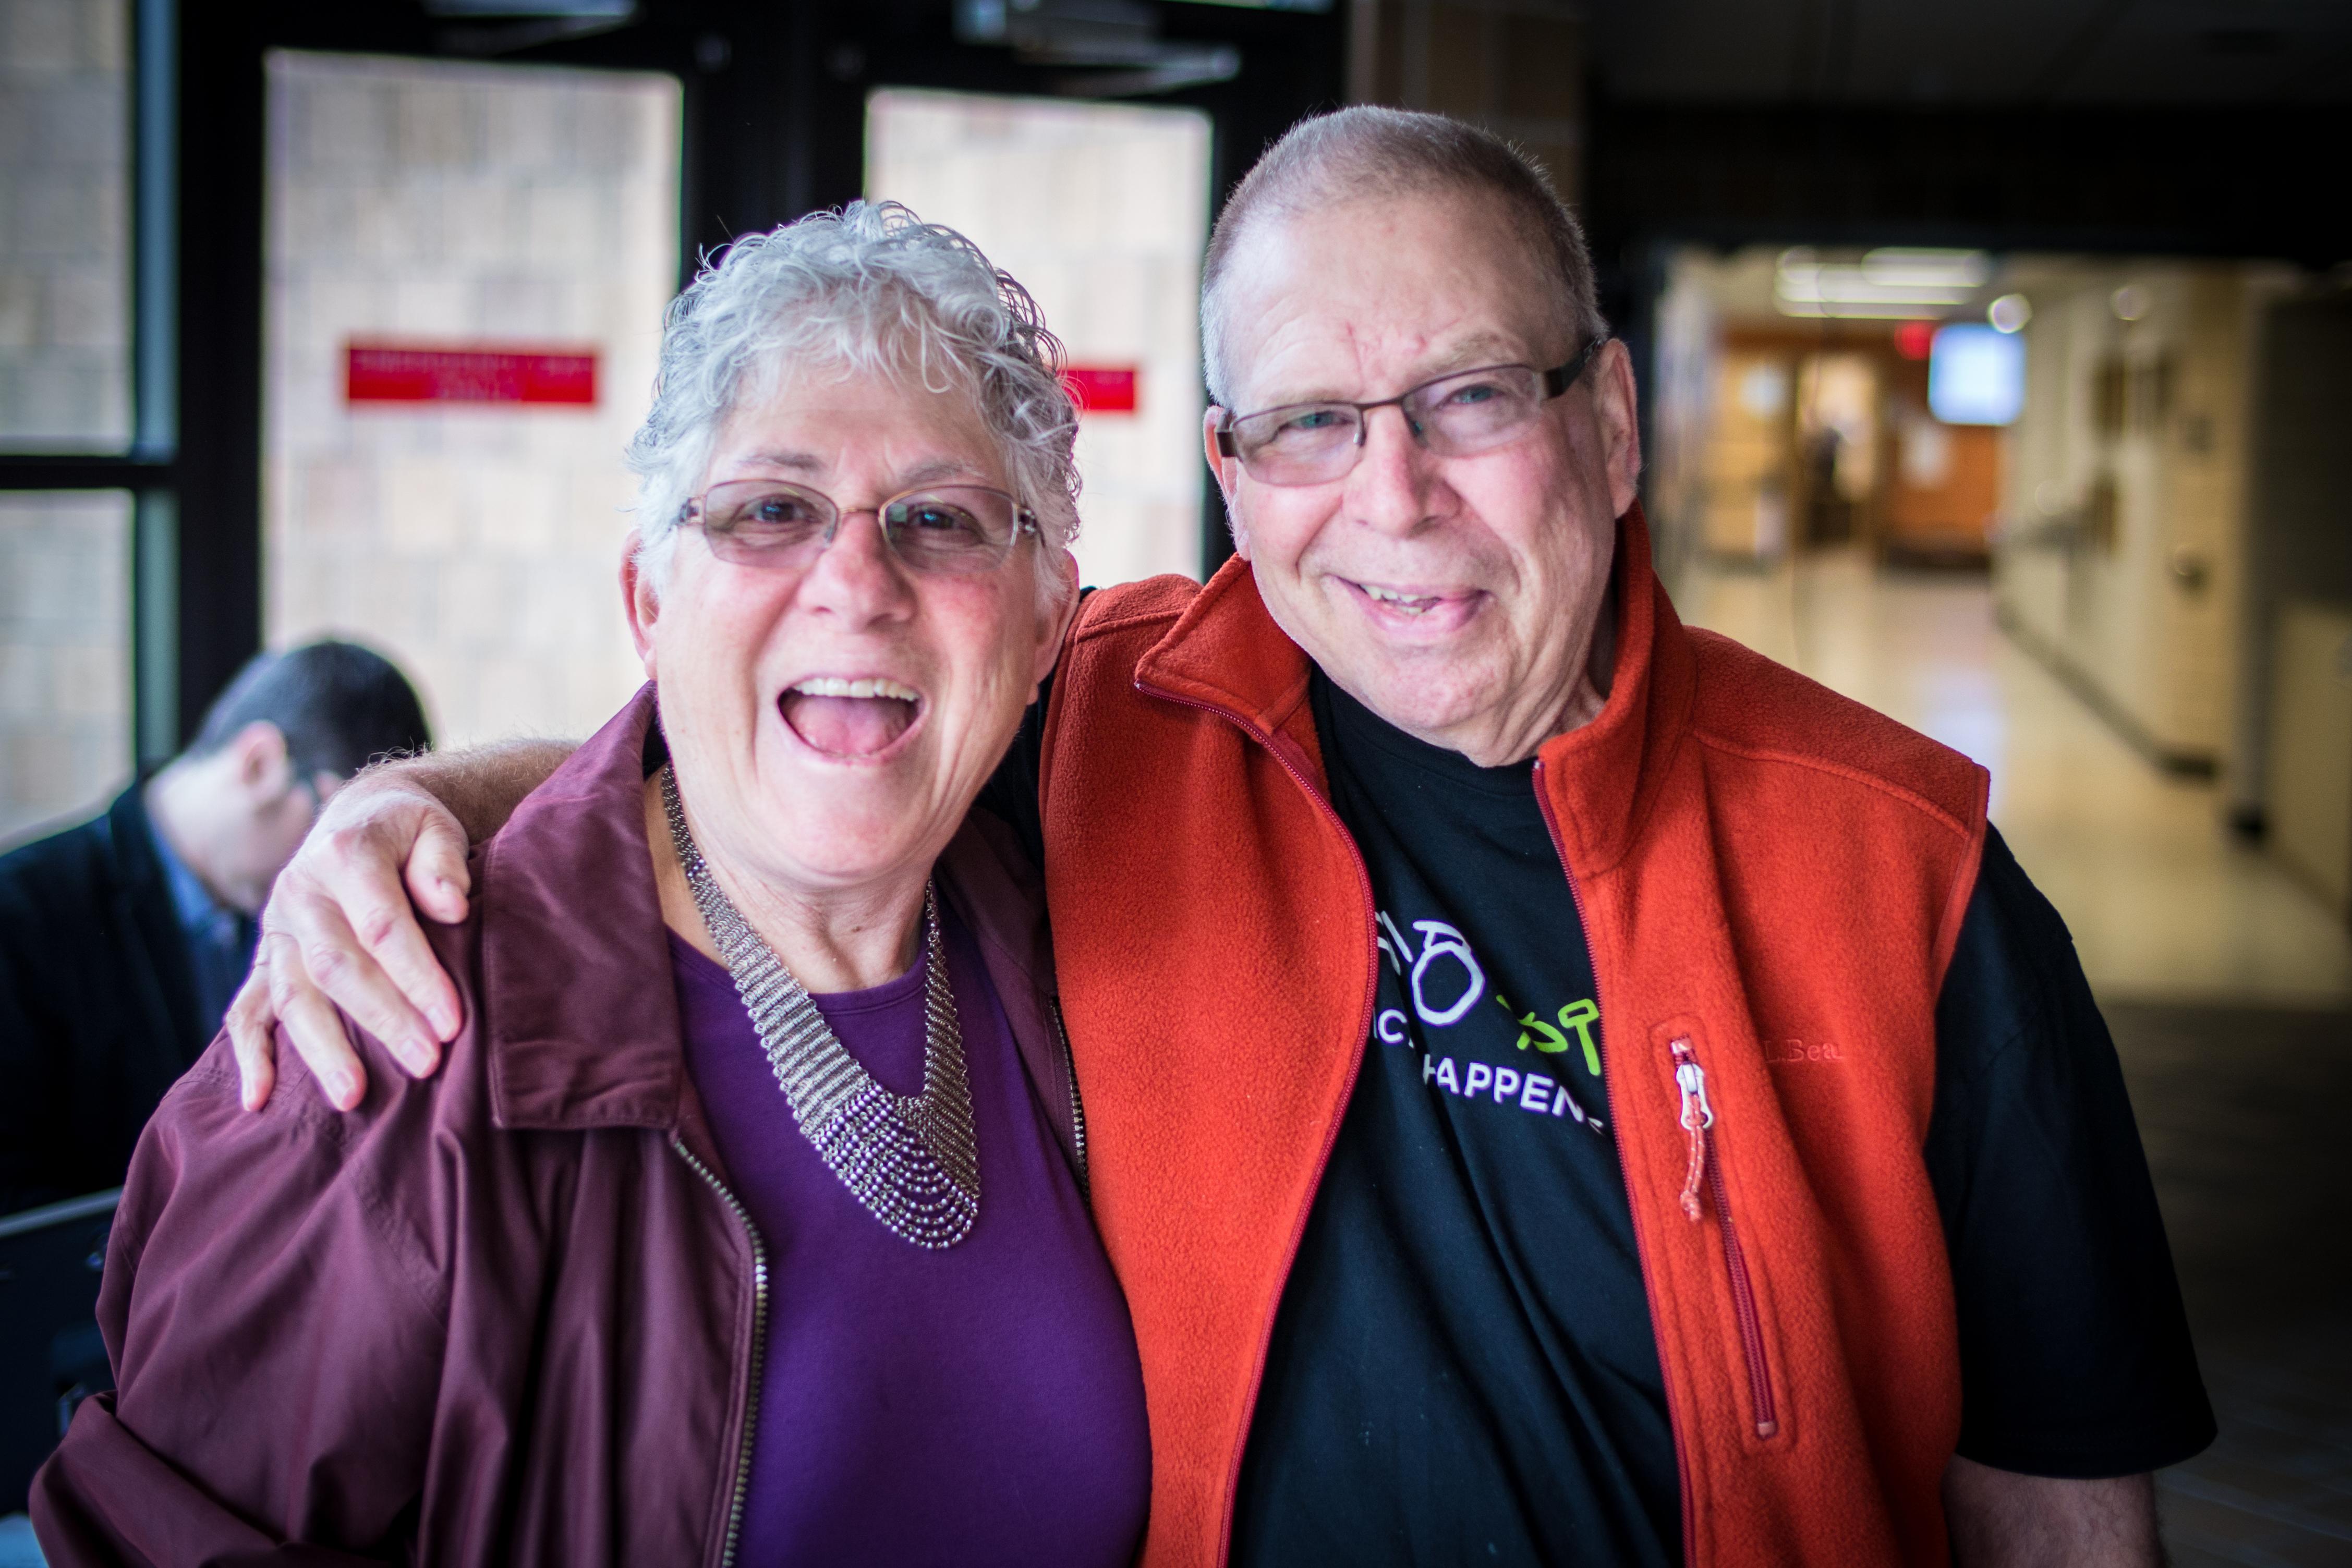 Arlene and Larry Dunn